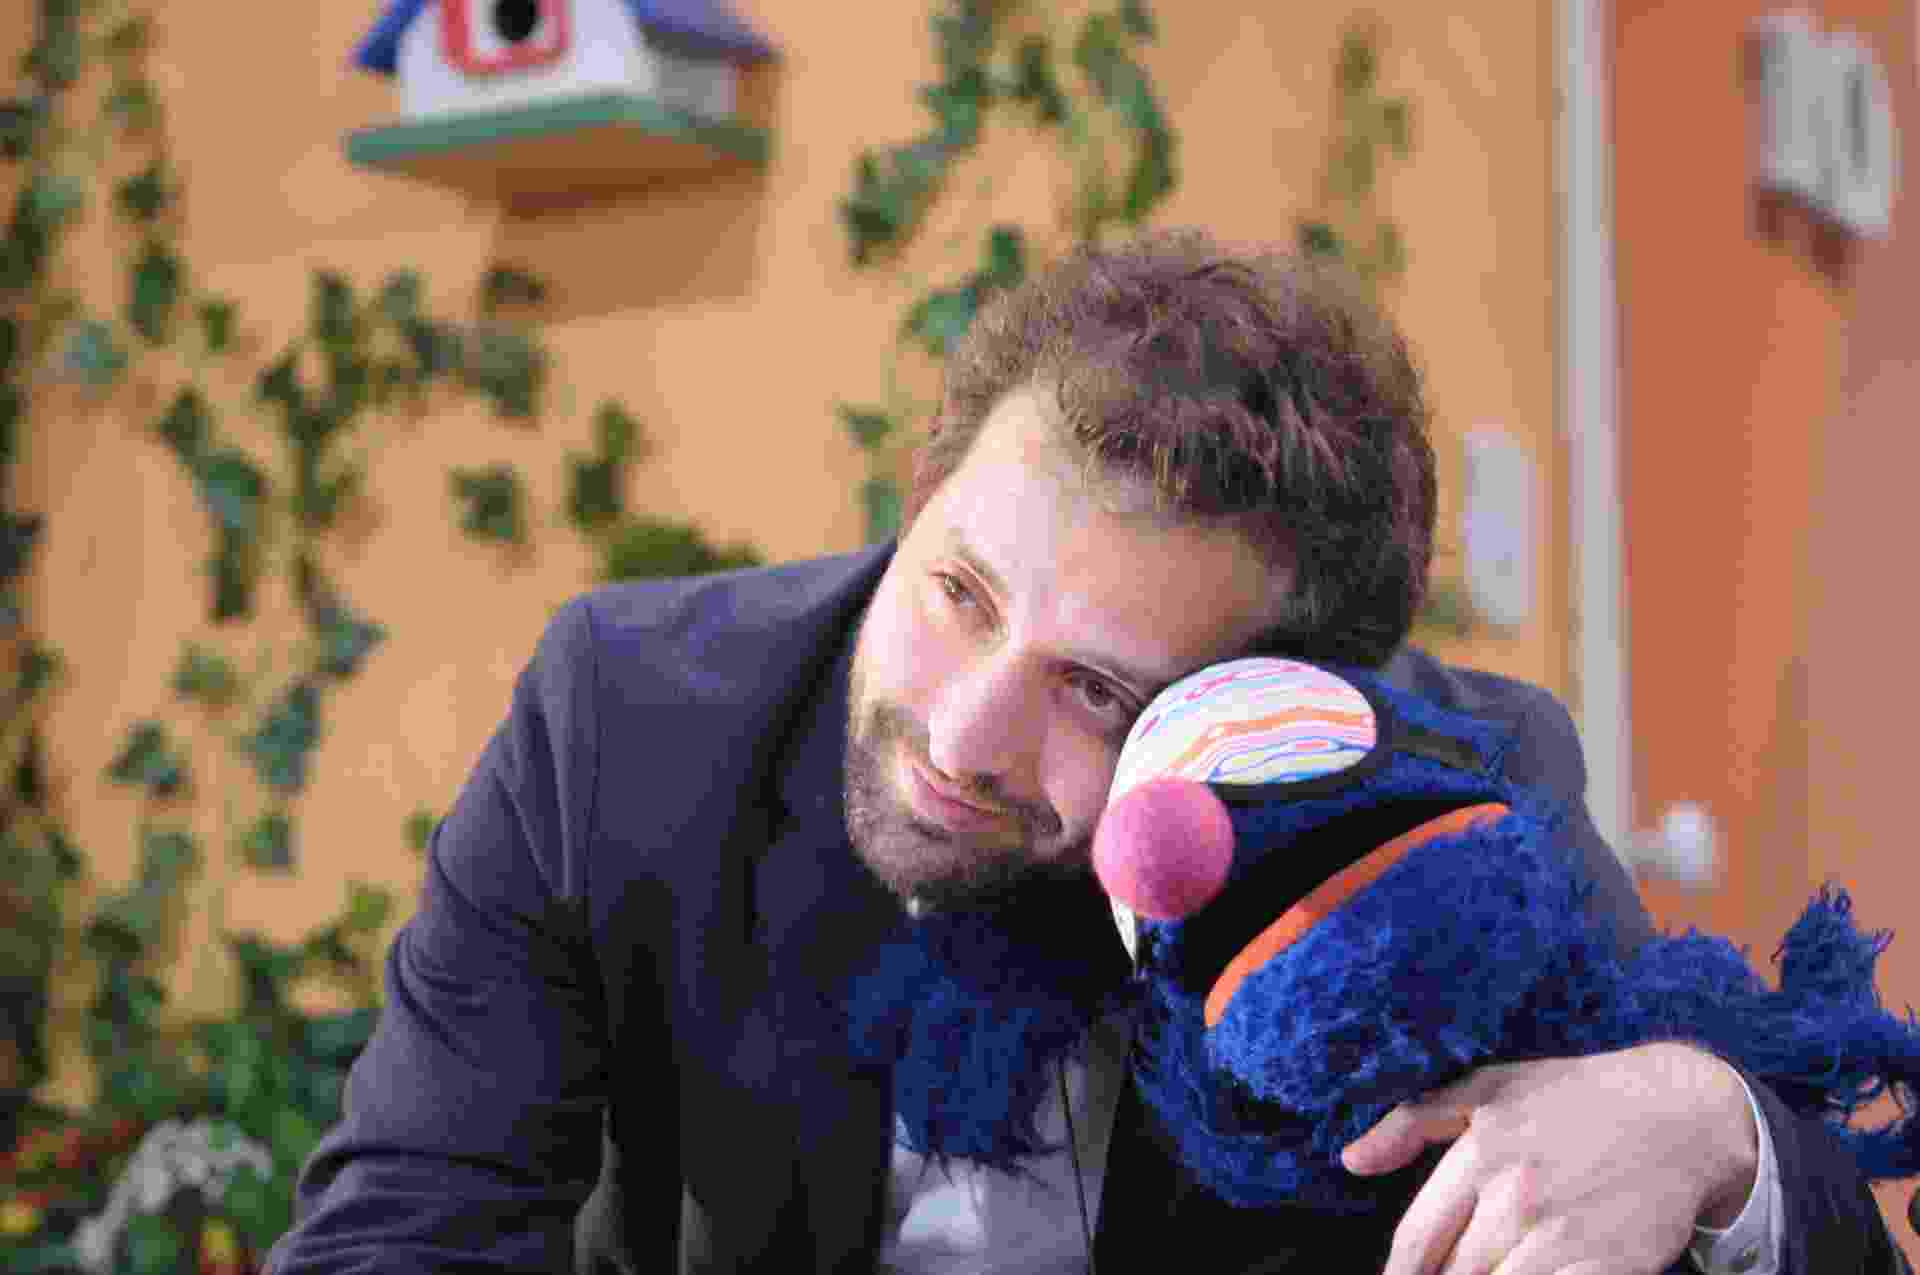 """O humorista Gregorio Duvivier abraça o boneco Grover na série """"Sésamo"""" - Jair Magri/TV Cultura"""